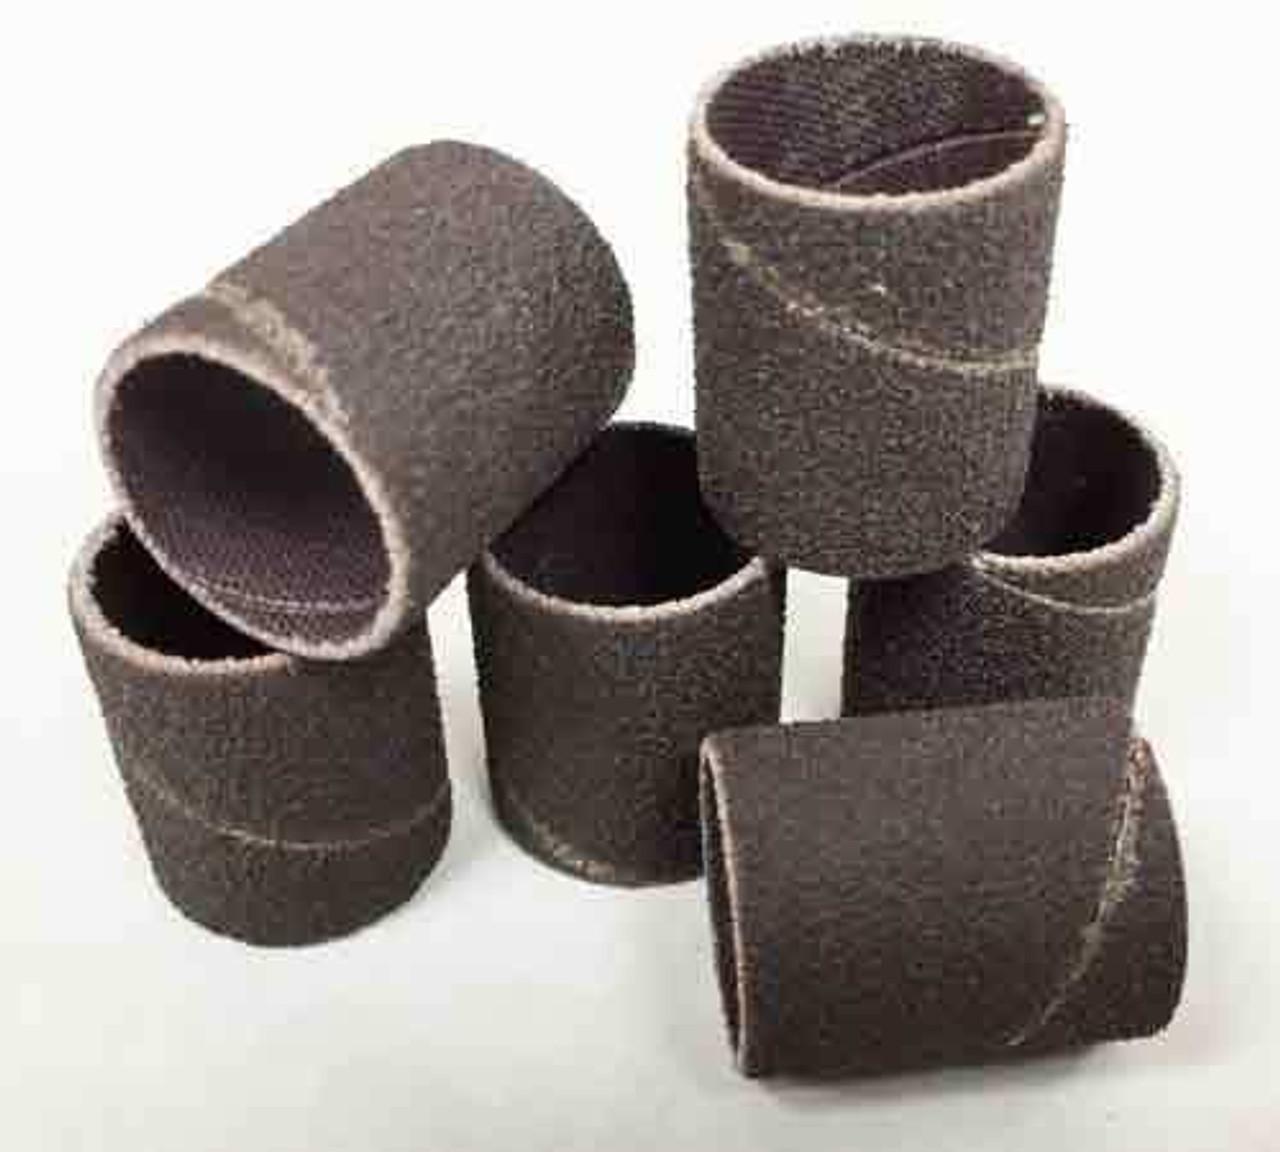 Sanding Drum OR Sanding Sleeves 3/4 x 1